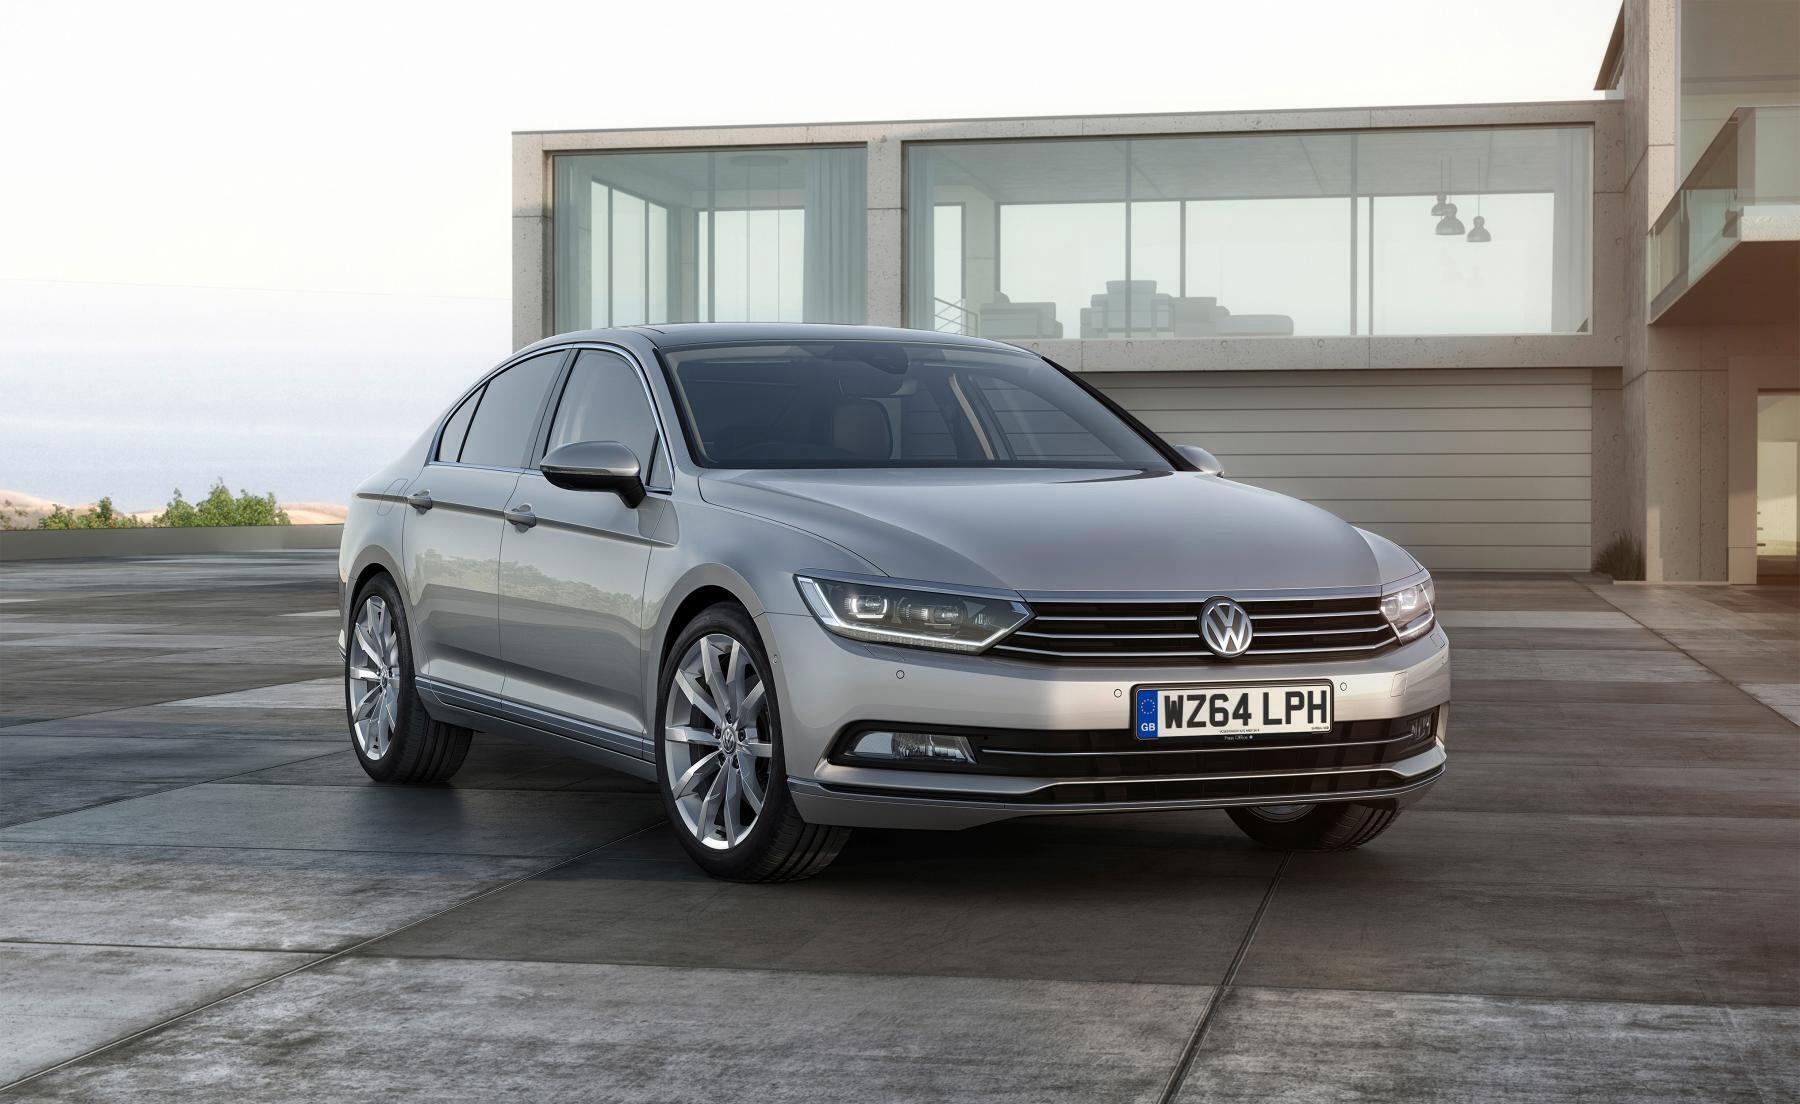 Volkswagen S New Efficient And Cleaner Eco Passat Set To